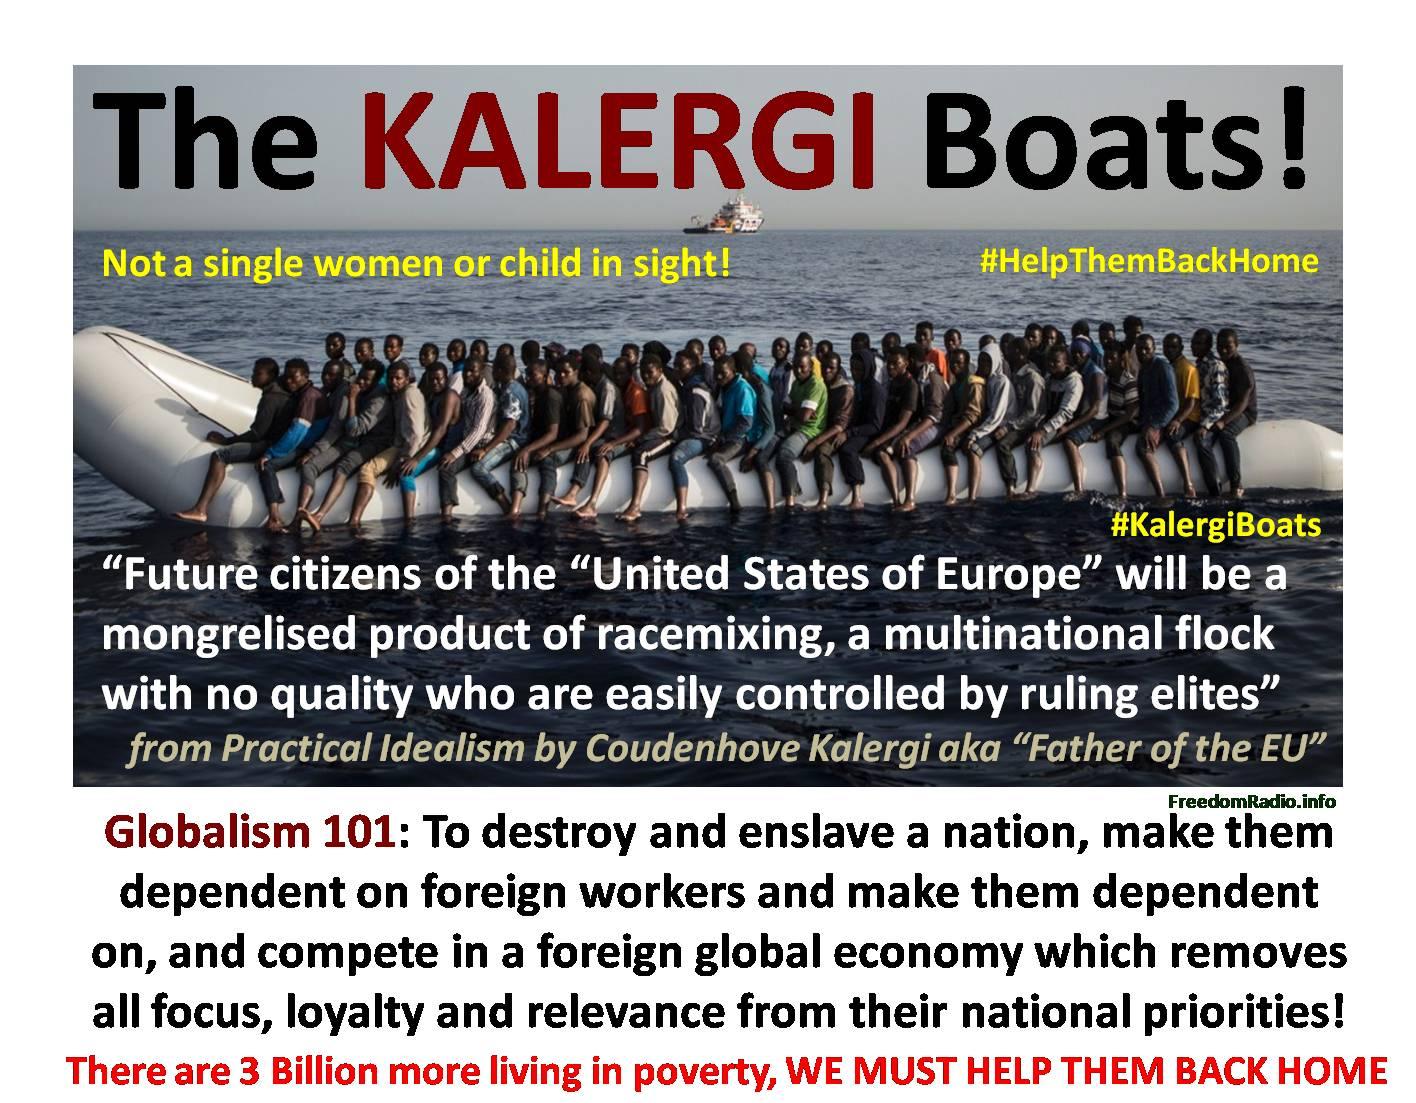 kalergiboats